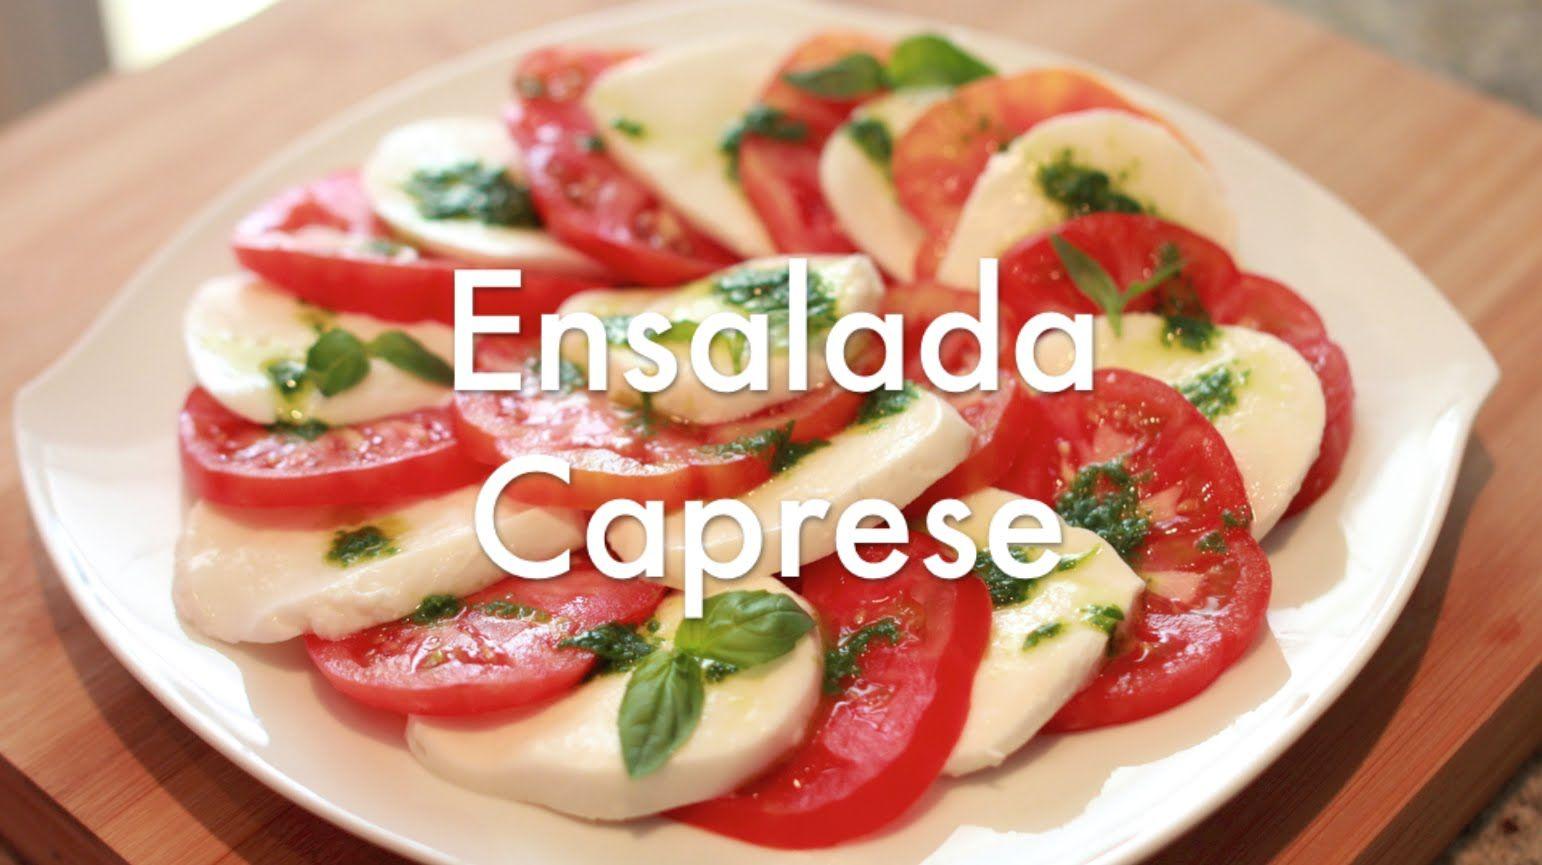 Ensalada Caprese Italiana - Recetas de Ensaladas